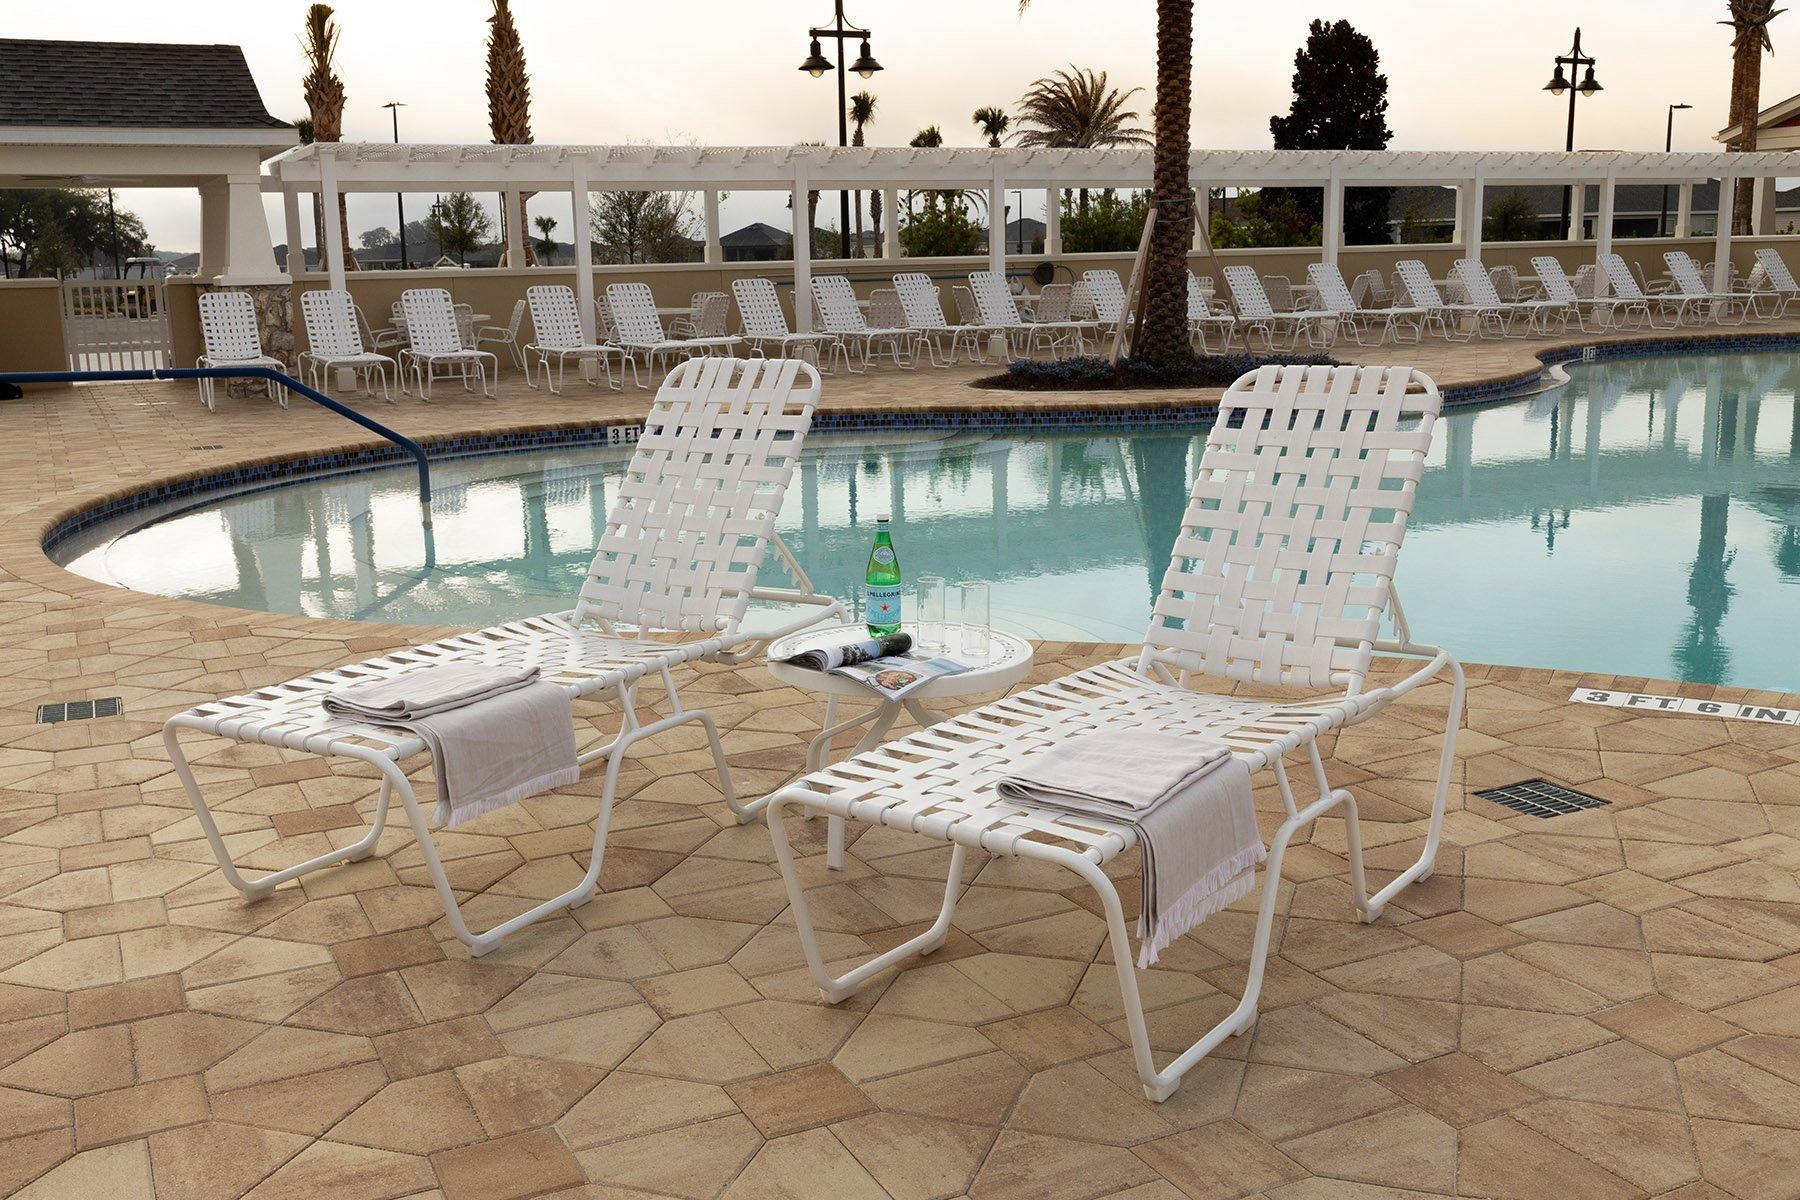 hotel outdoor furniture in Myrtle Beach